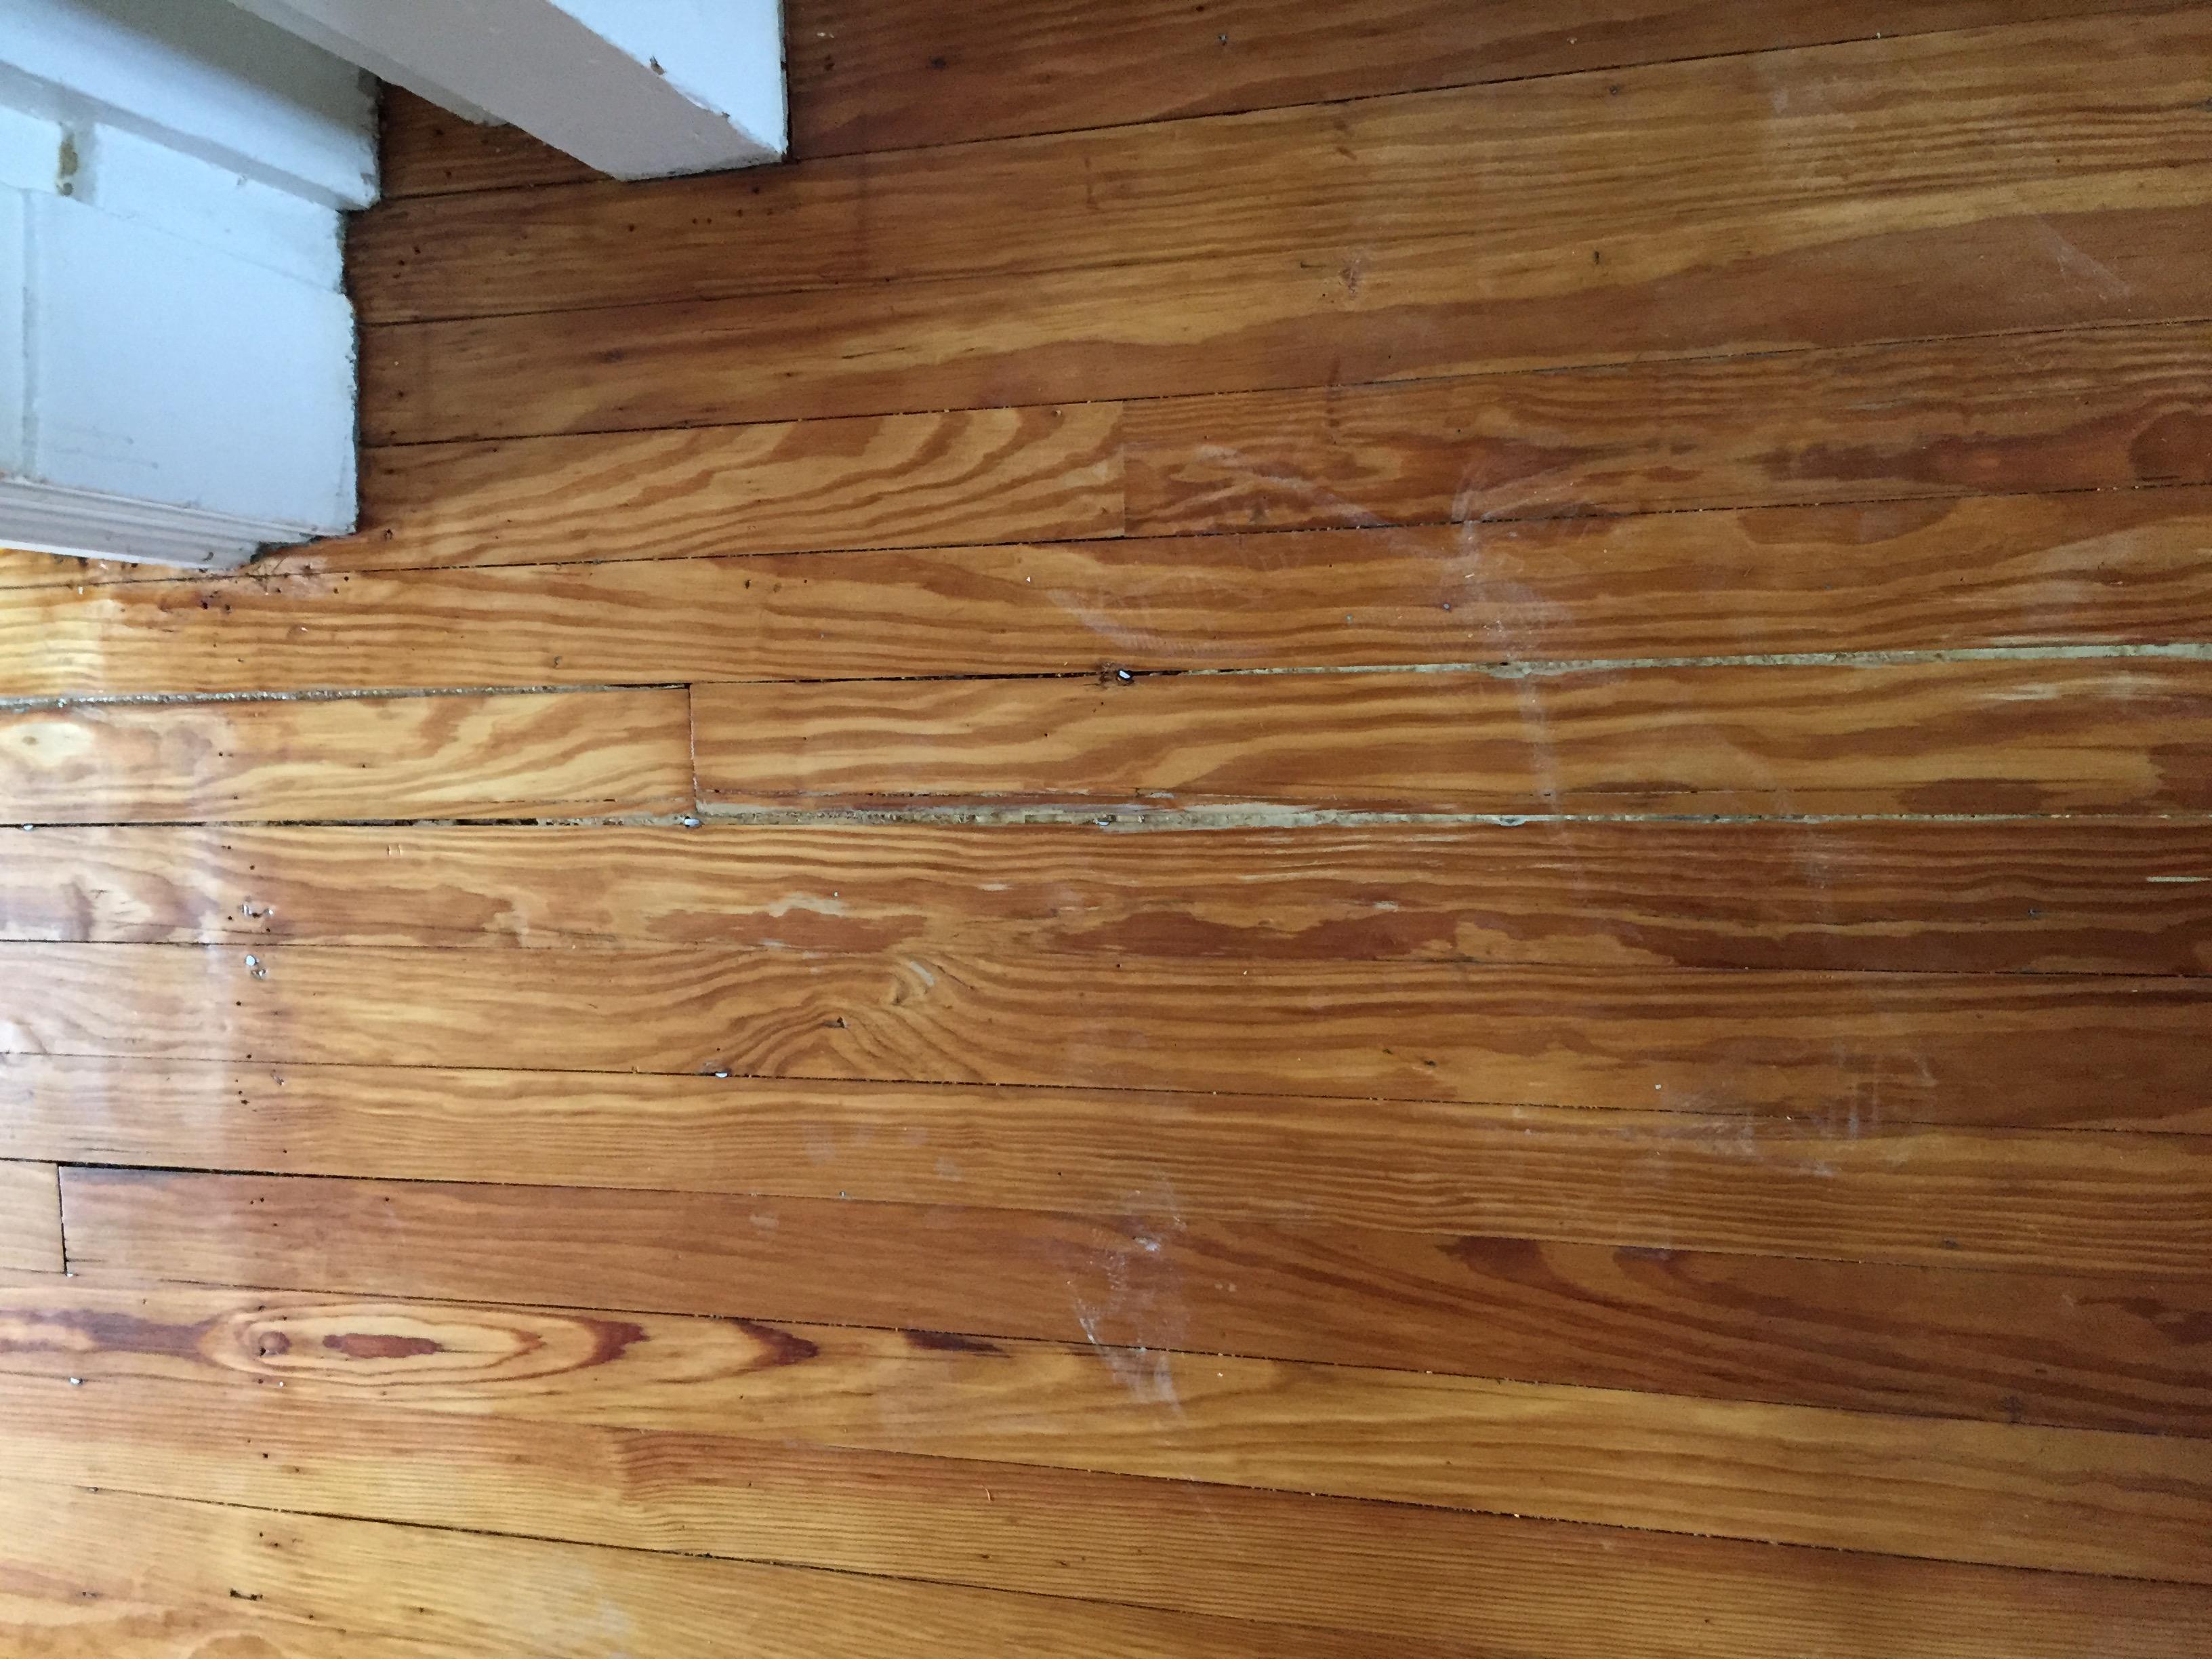 pine wood flooring help how to repair these pine hardwood floor 100years old!!-img_7842.jpg CJMISJV